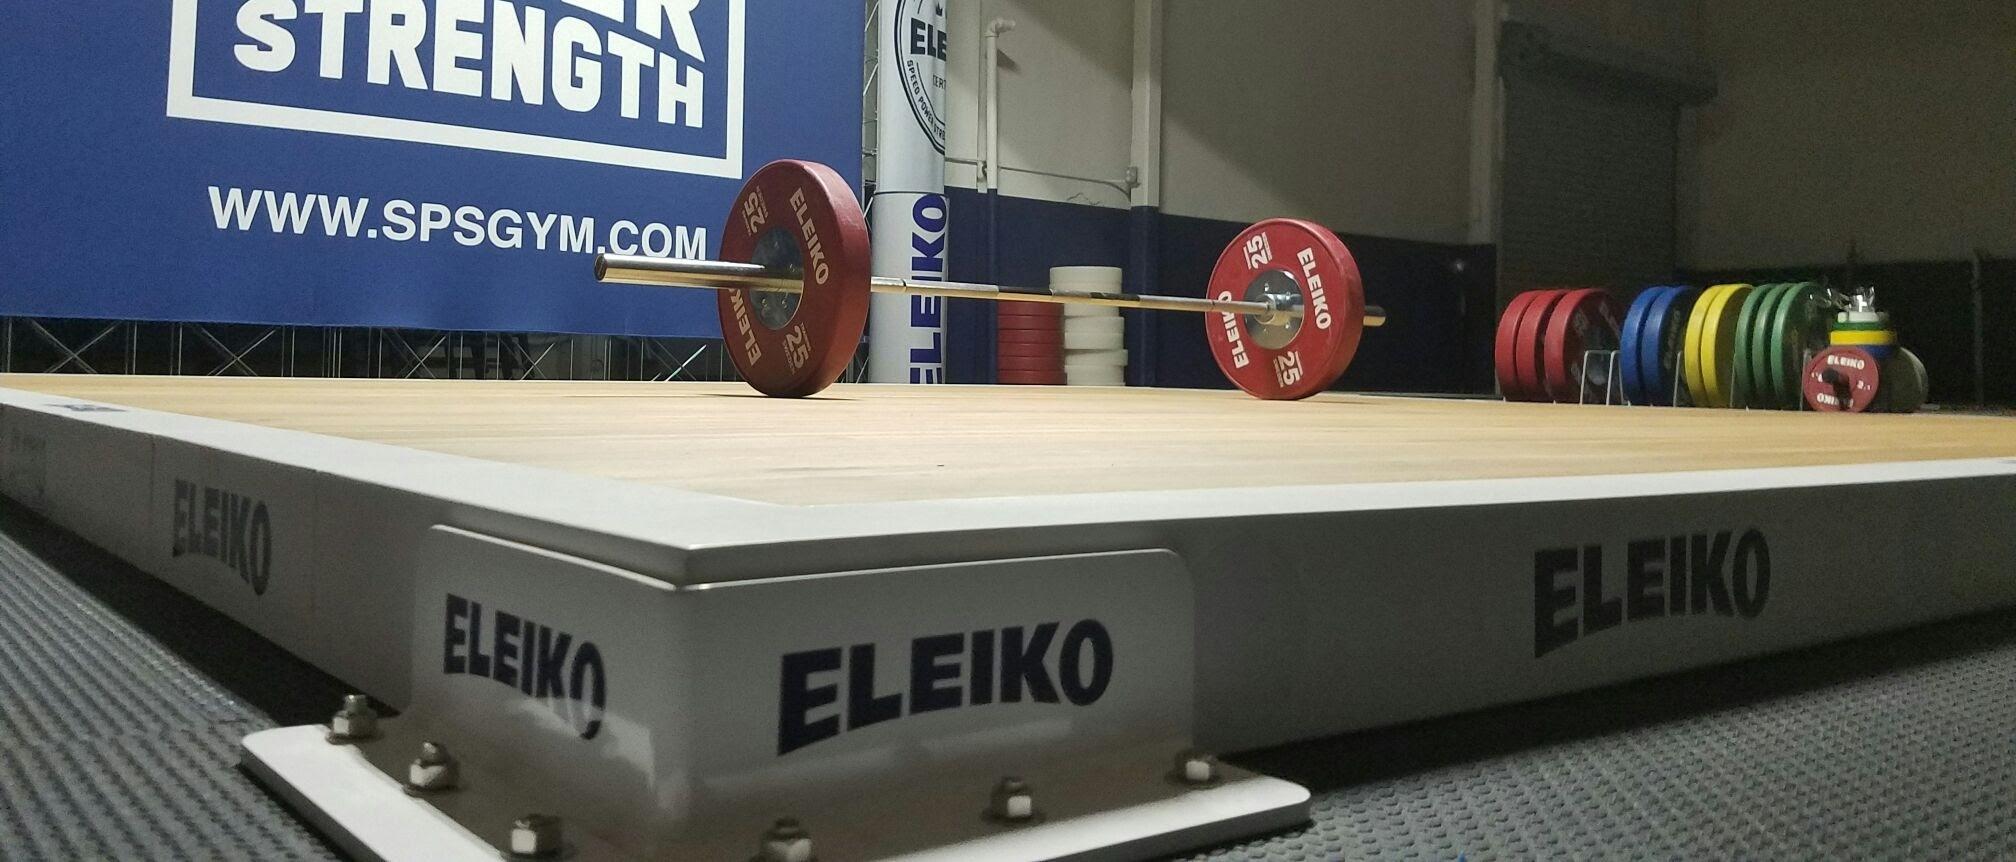 eleiko weights